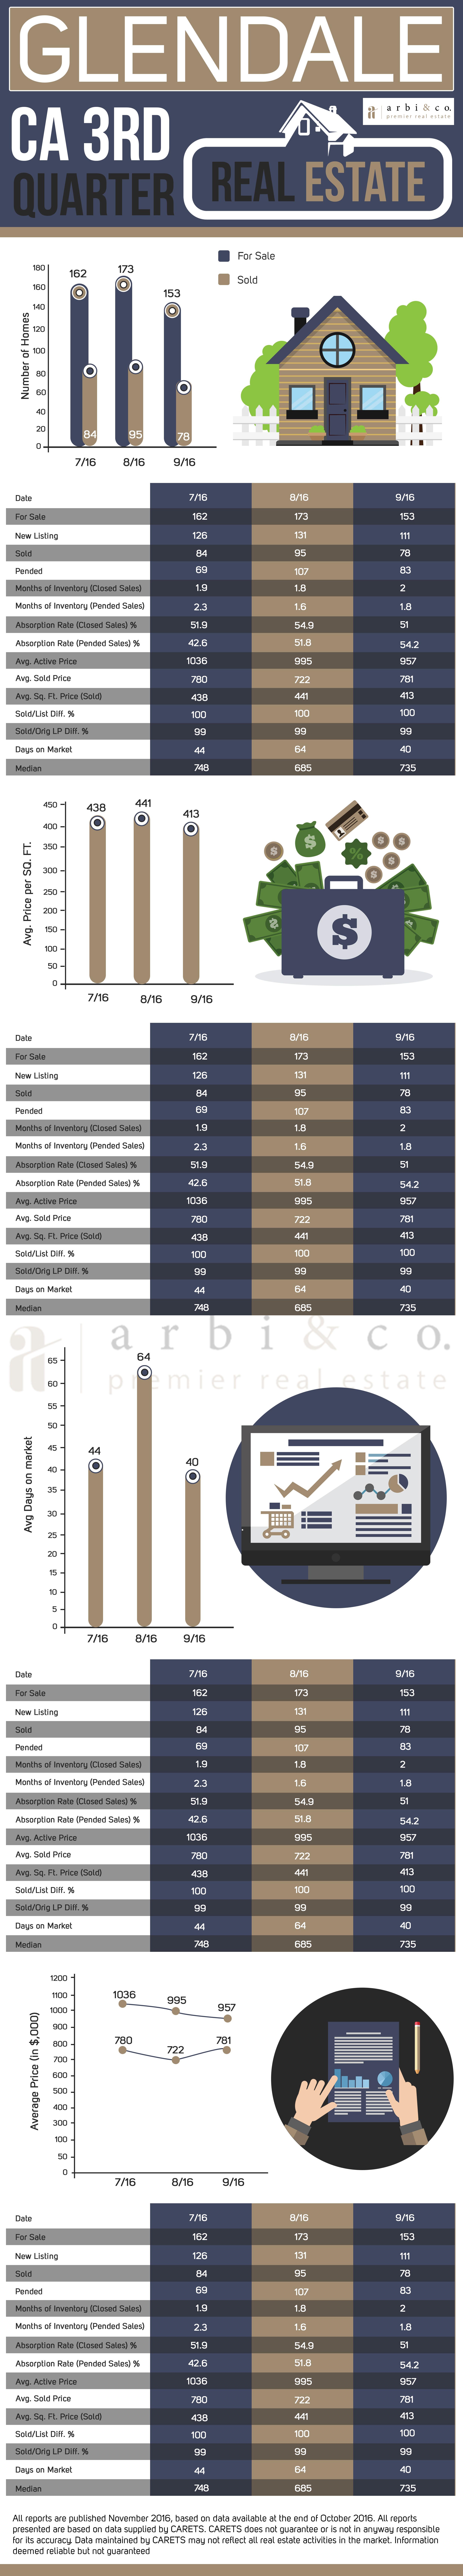 Arbi Infographic